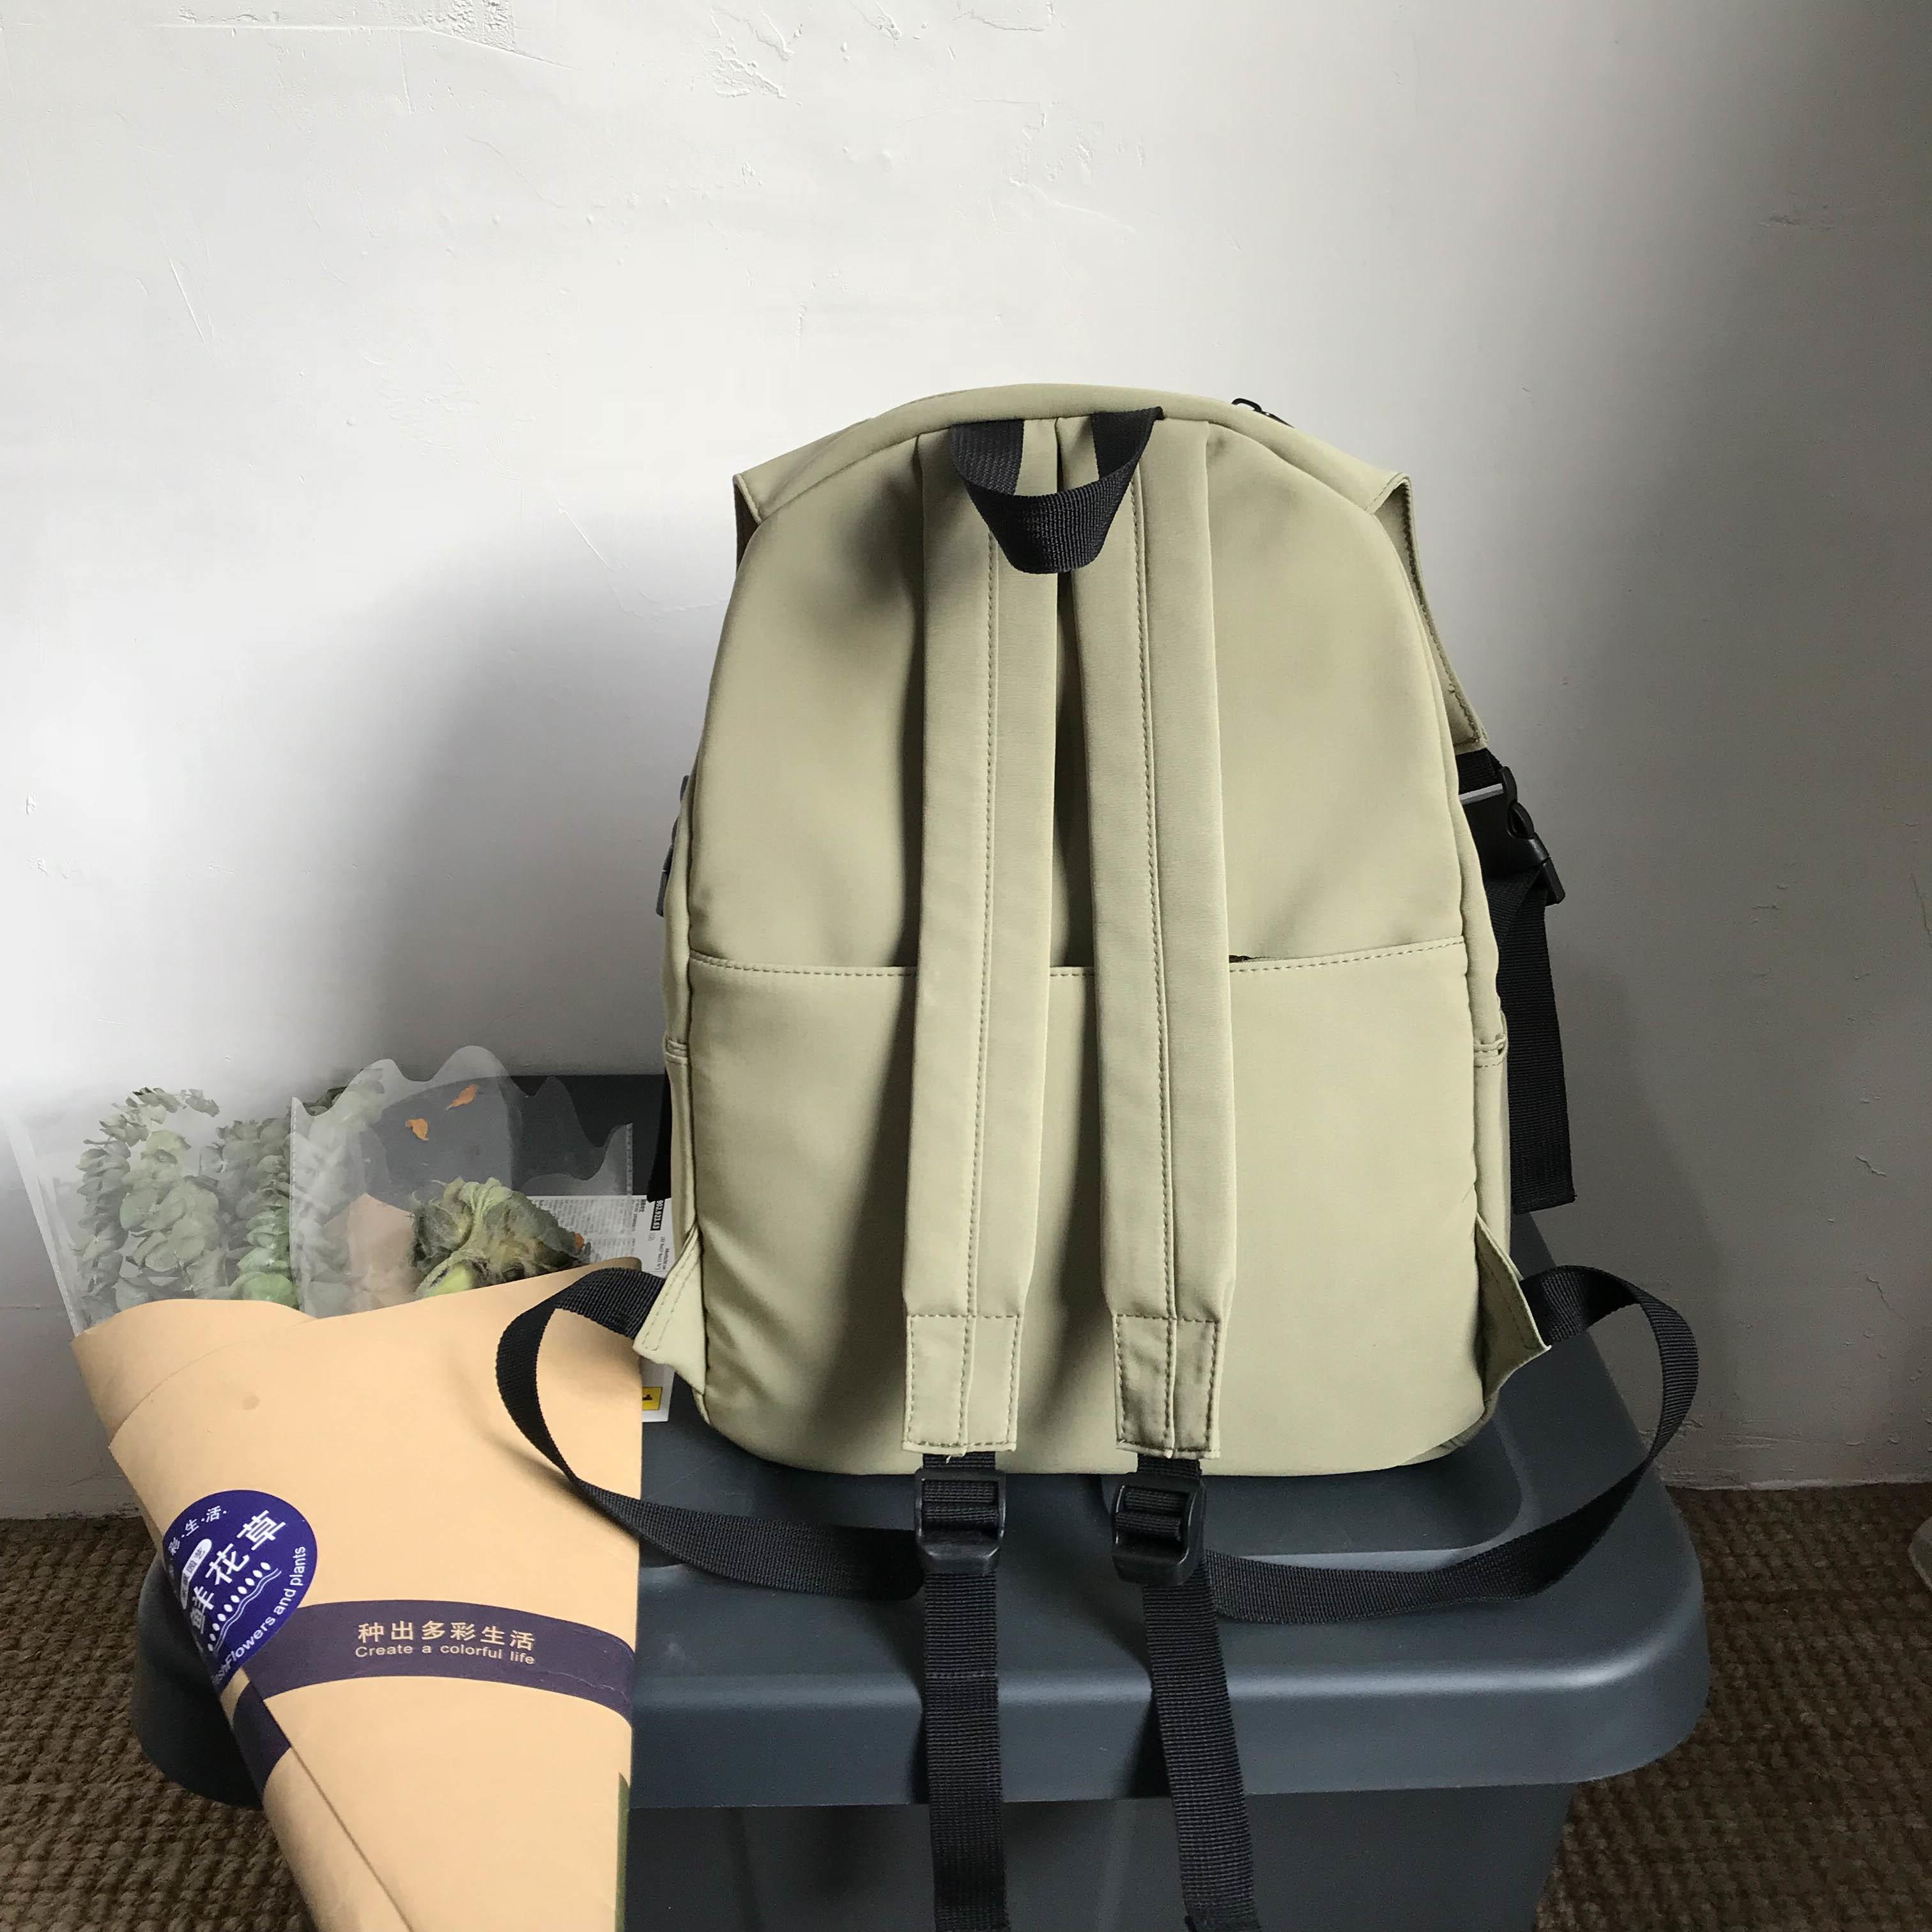 Vízálló nylon hátizsák női táska divat hátizsák nőknek nagy - Hátizsákok - Fénykép 5